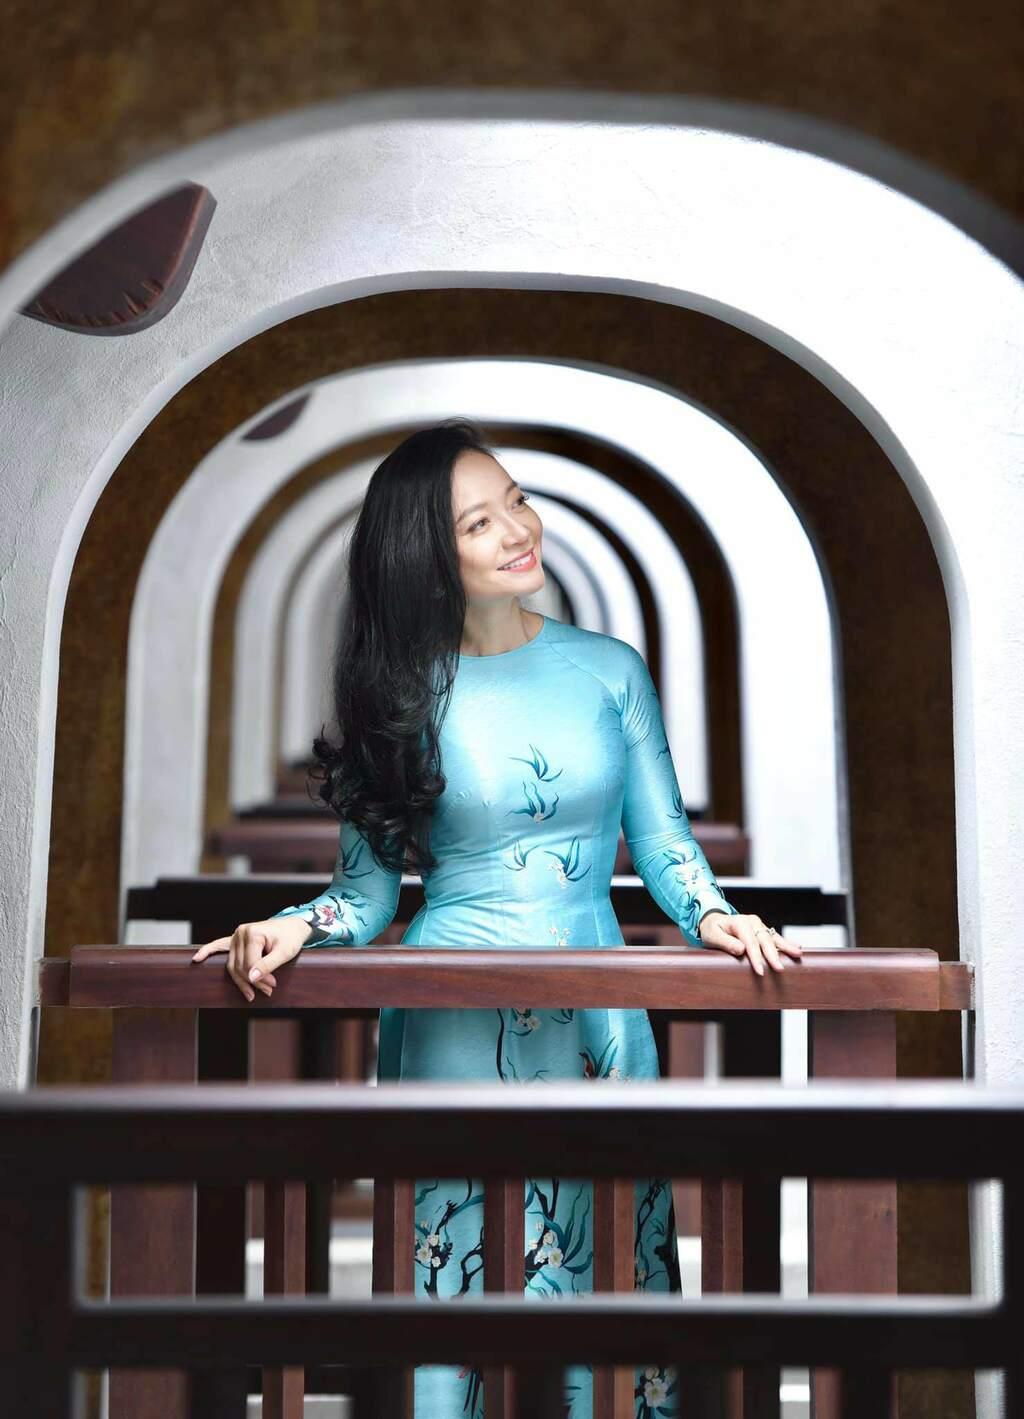 U50 quanh năm mực thước với áo dài vì tôn thờ vẻ đẹp cốt cách người Hà Nội - ảnh 3